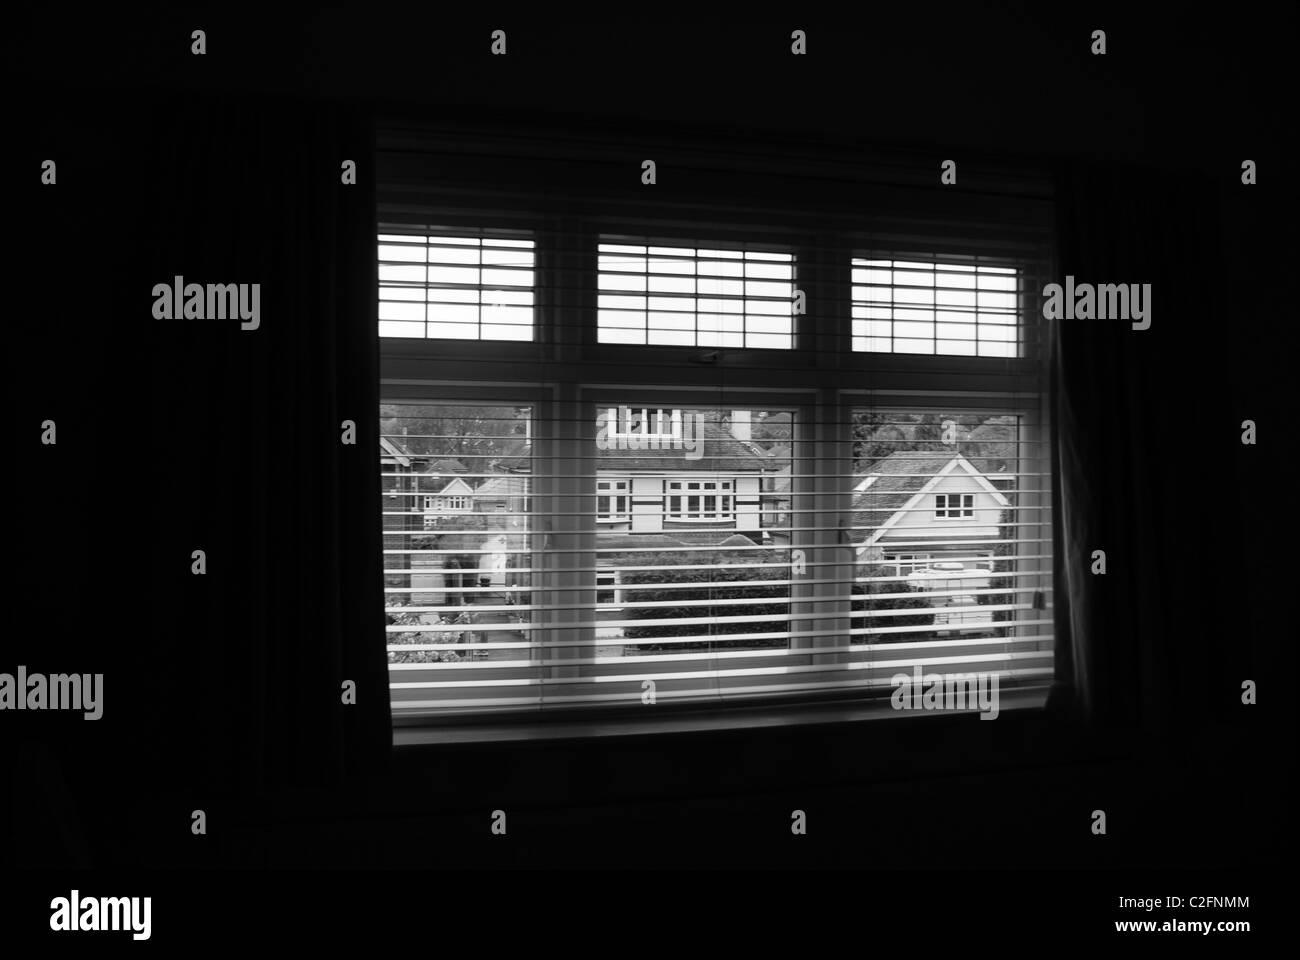 Venetian blinds - Stock Image